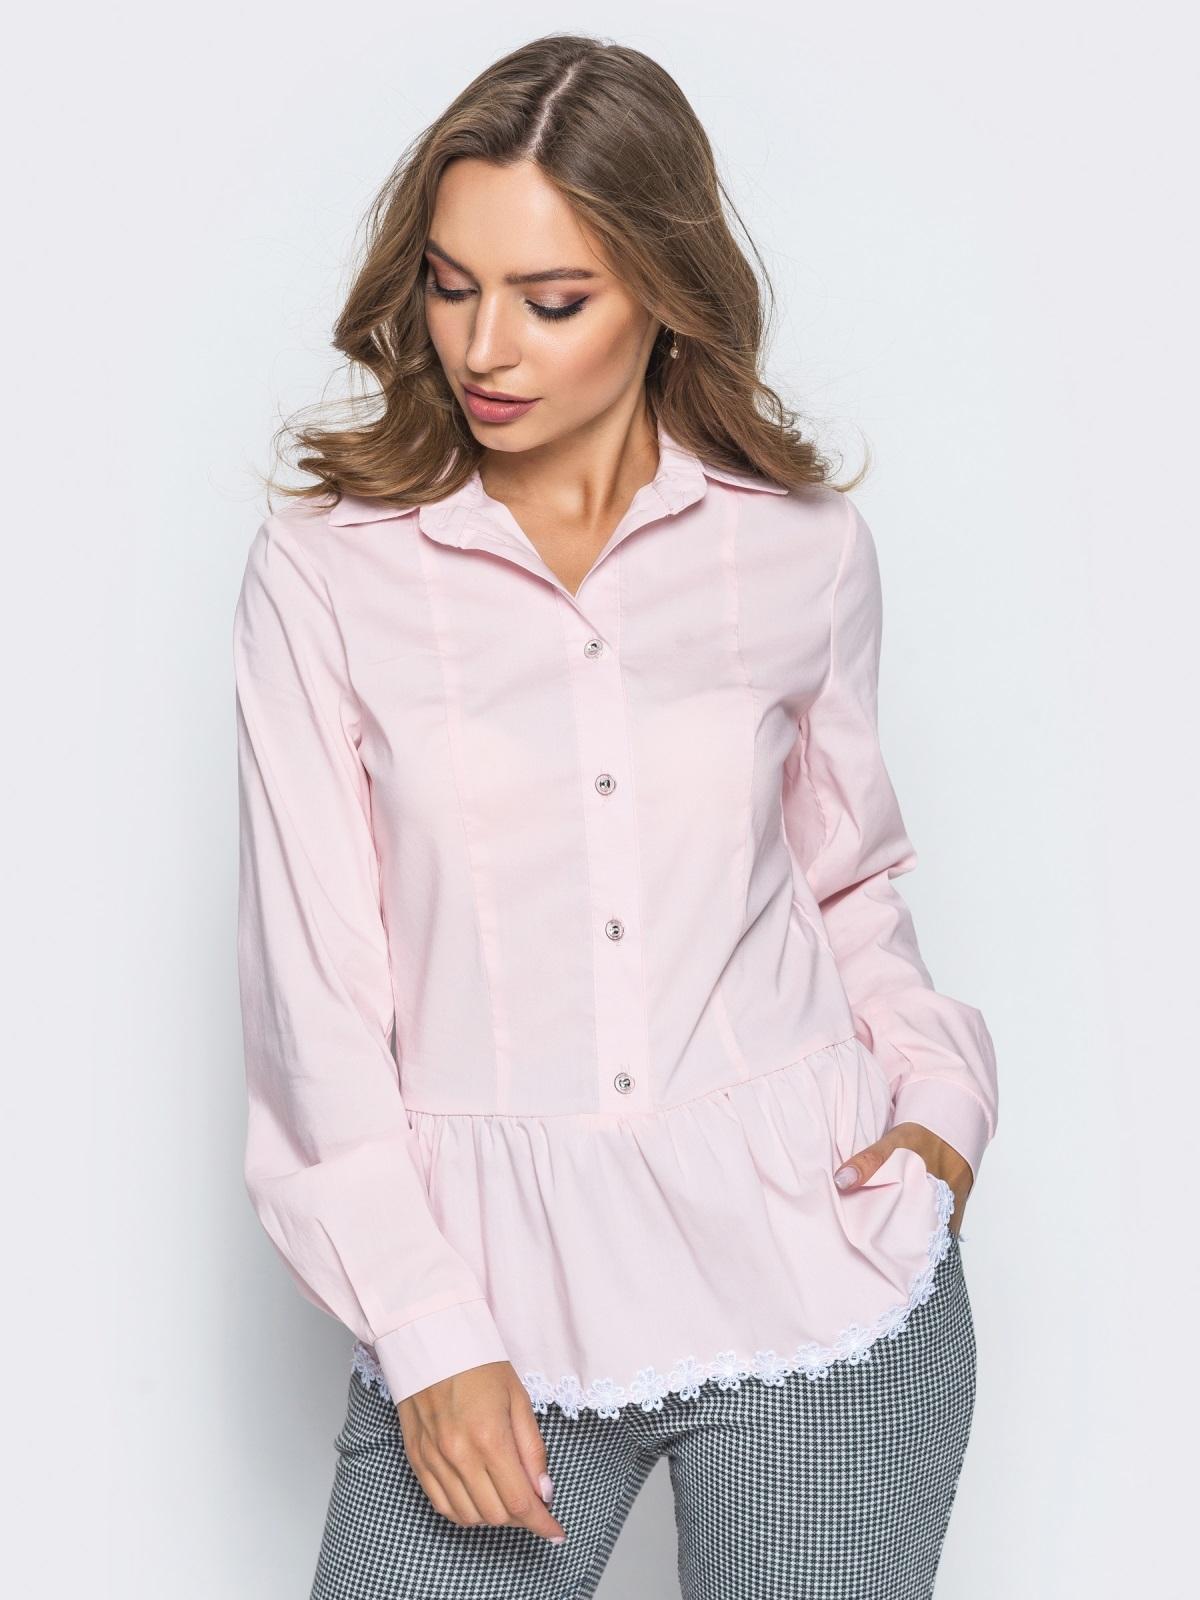 Блузка с воланом по низу и функциональными пуговицами розовая - 14172, фото 1 – интернет-магазин Dressa